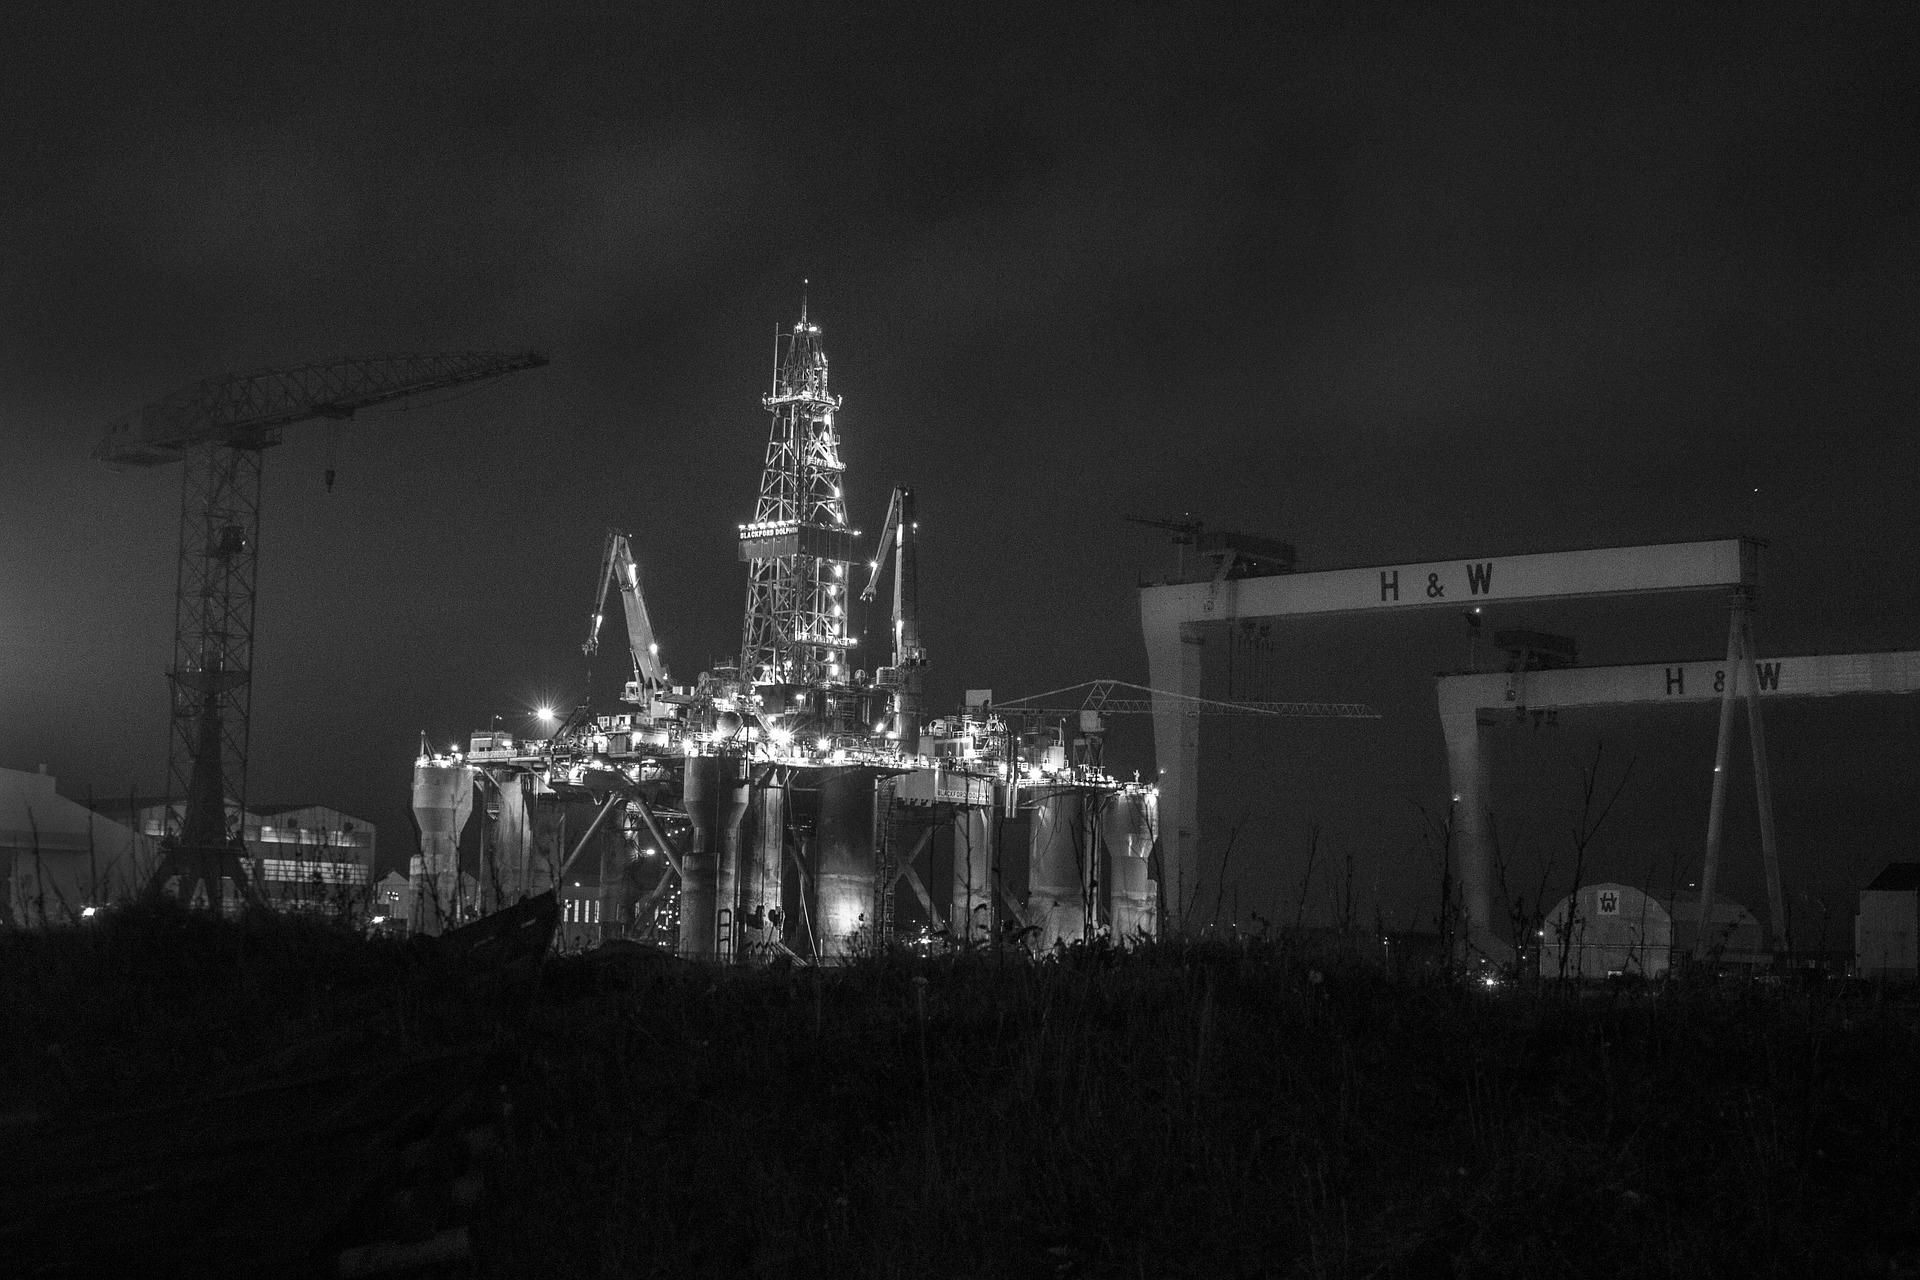 Die Titanic-Werft Harland & Wolff ist insolvent: Für eine der bedeutendsten europäischen Schiffbaubetriebe, deren gelbe Kräne als Wahrzeichen der nordirischen Hauptstadt Belfast in den Himmel ragen, fand sich kein Käufer.